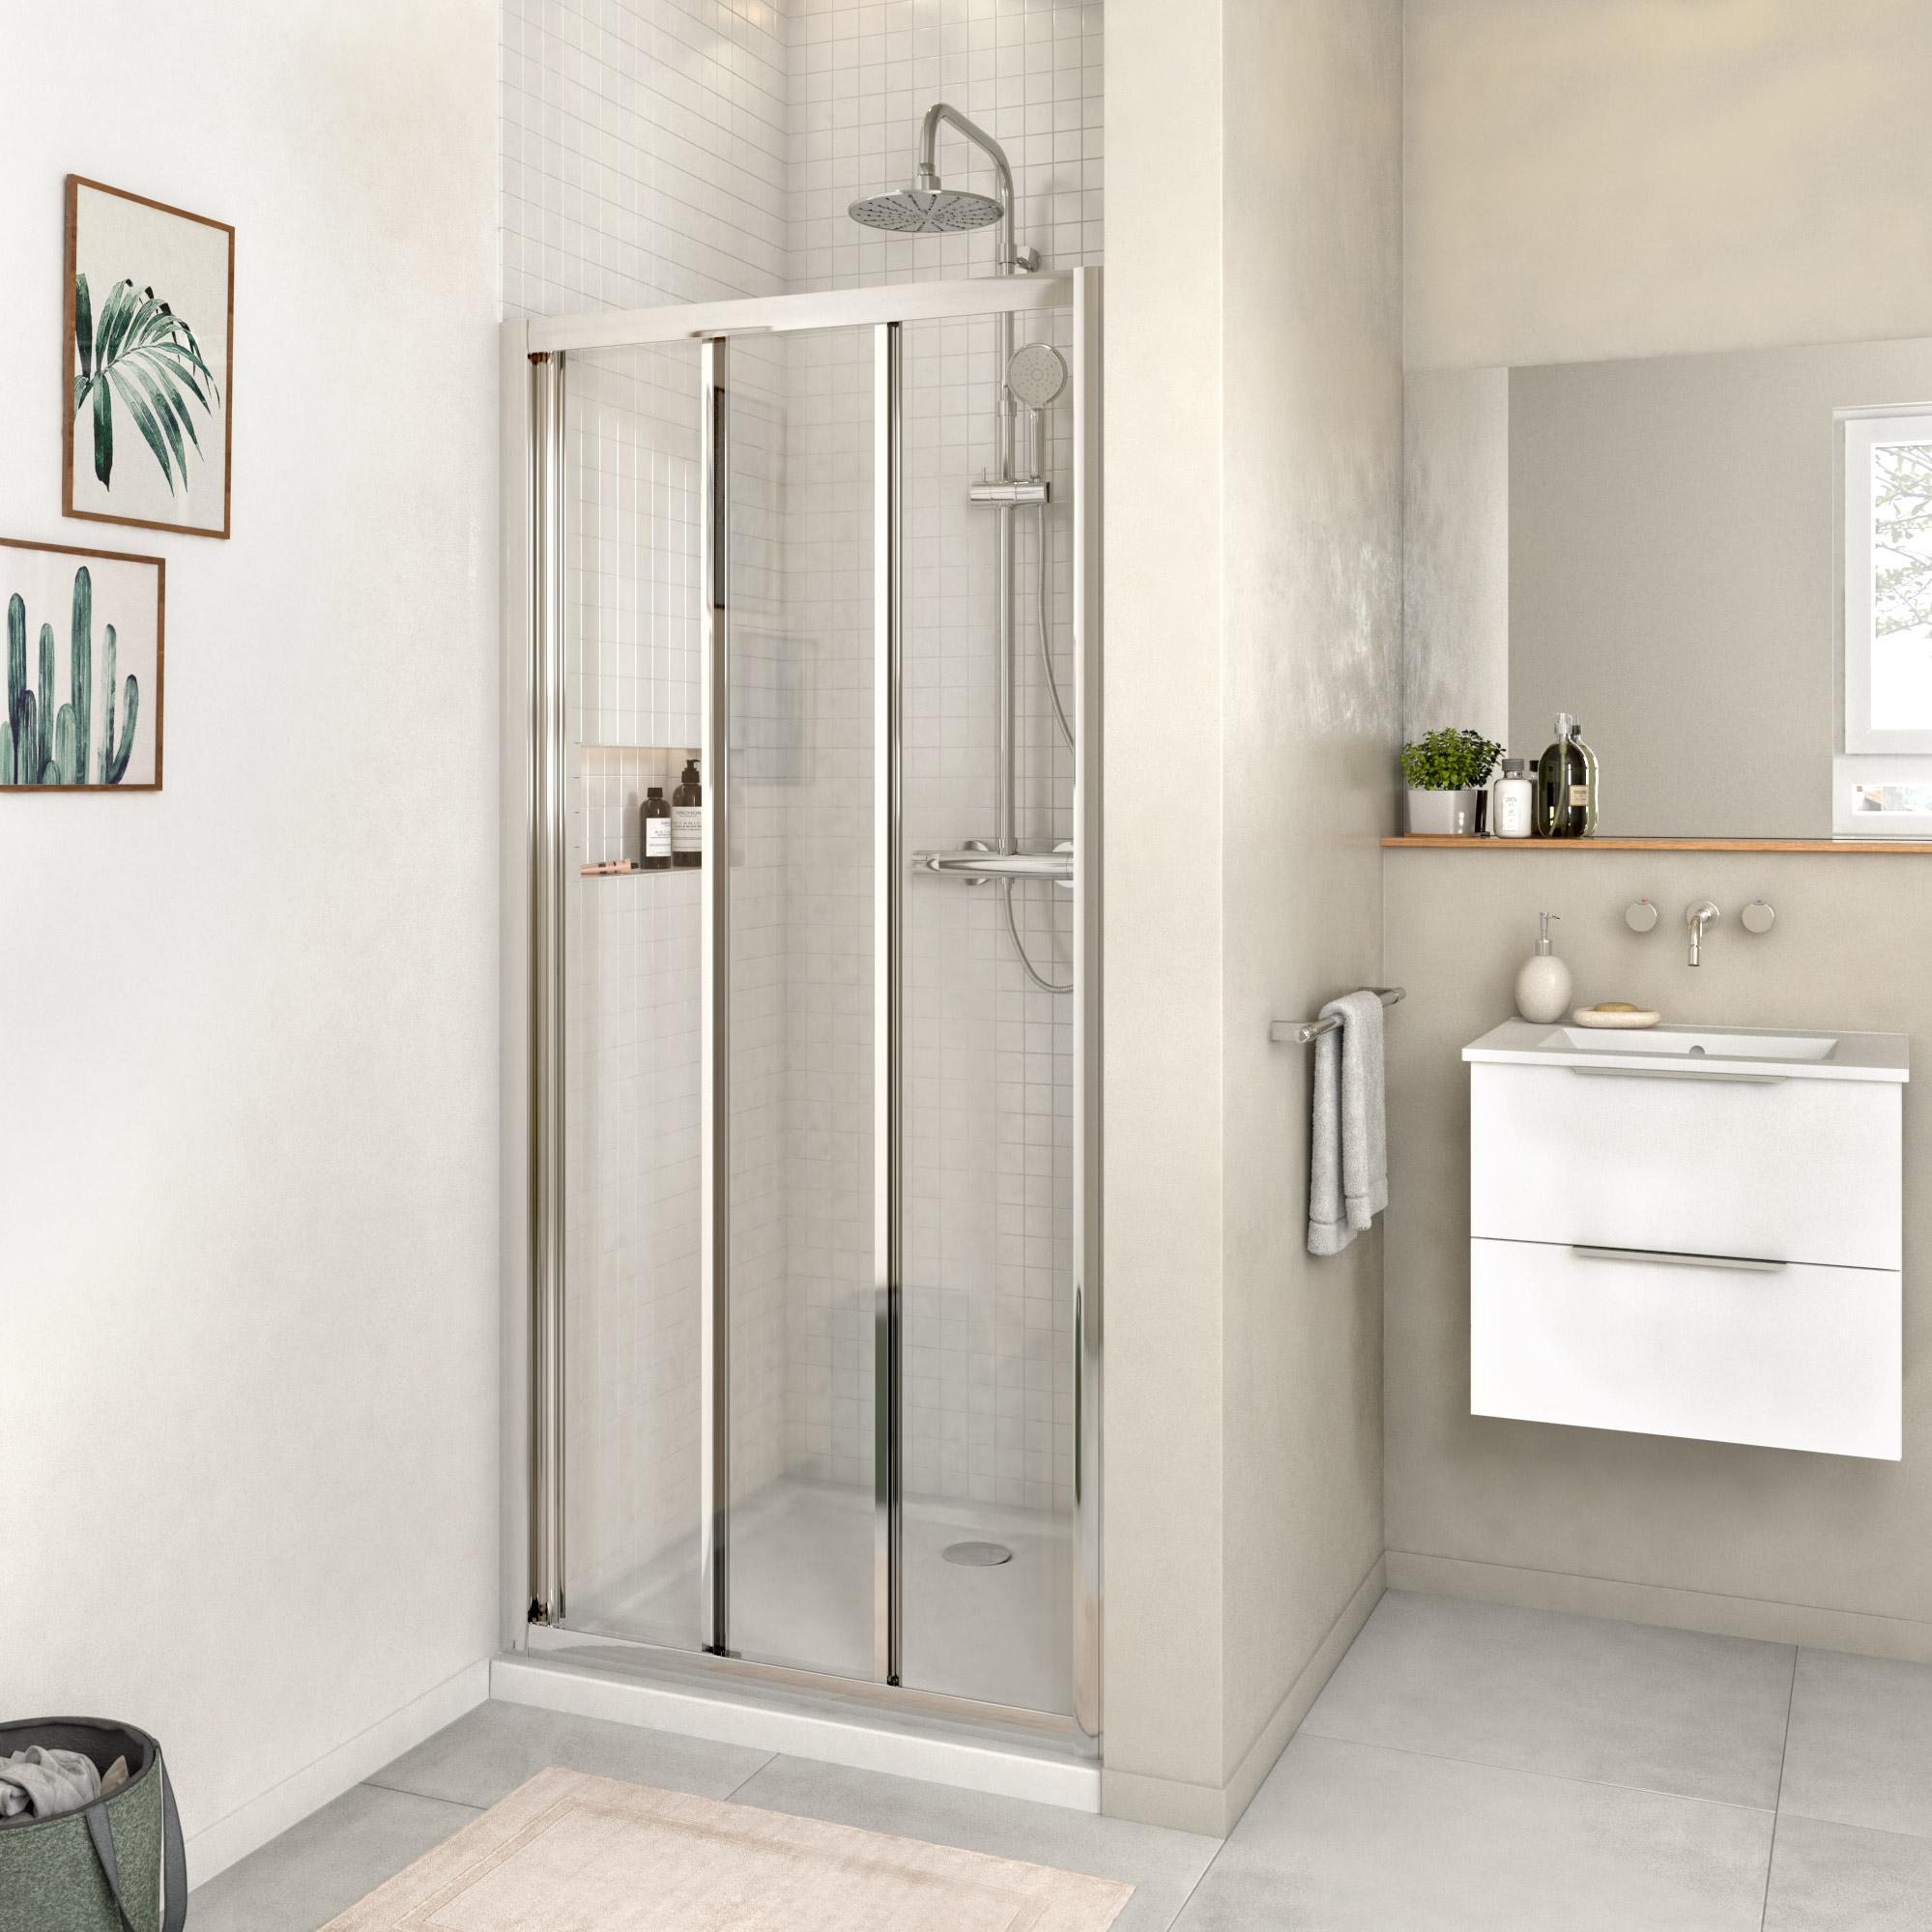 Porte de douche coulissante transparente chrom 90 cm Porte pliante 90 cm transparente